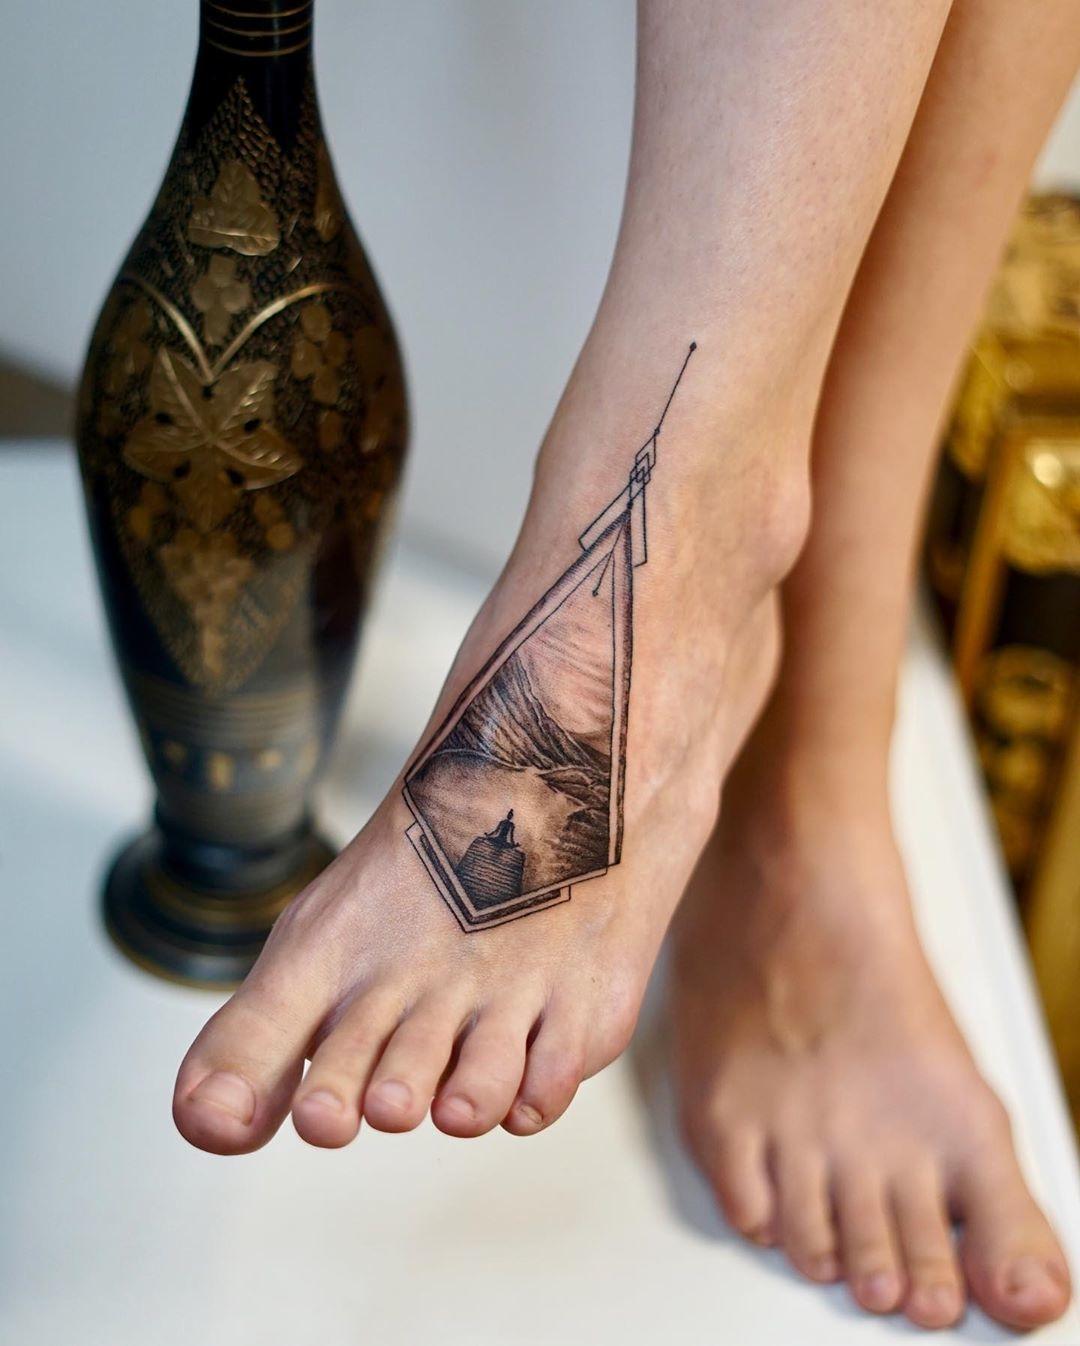 Inksearch tattoo DD Verba